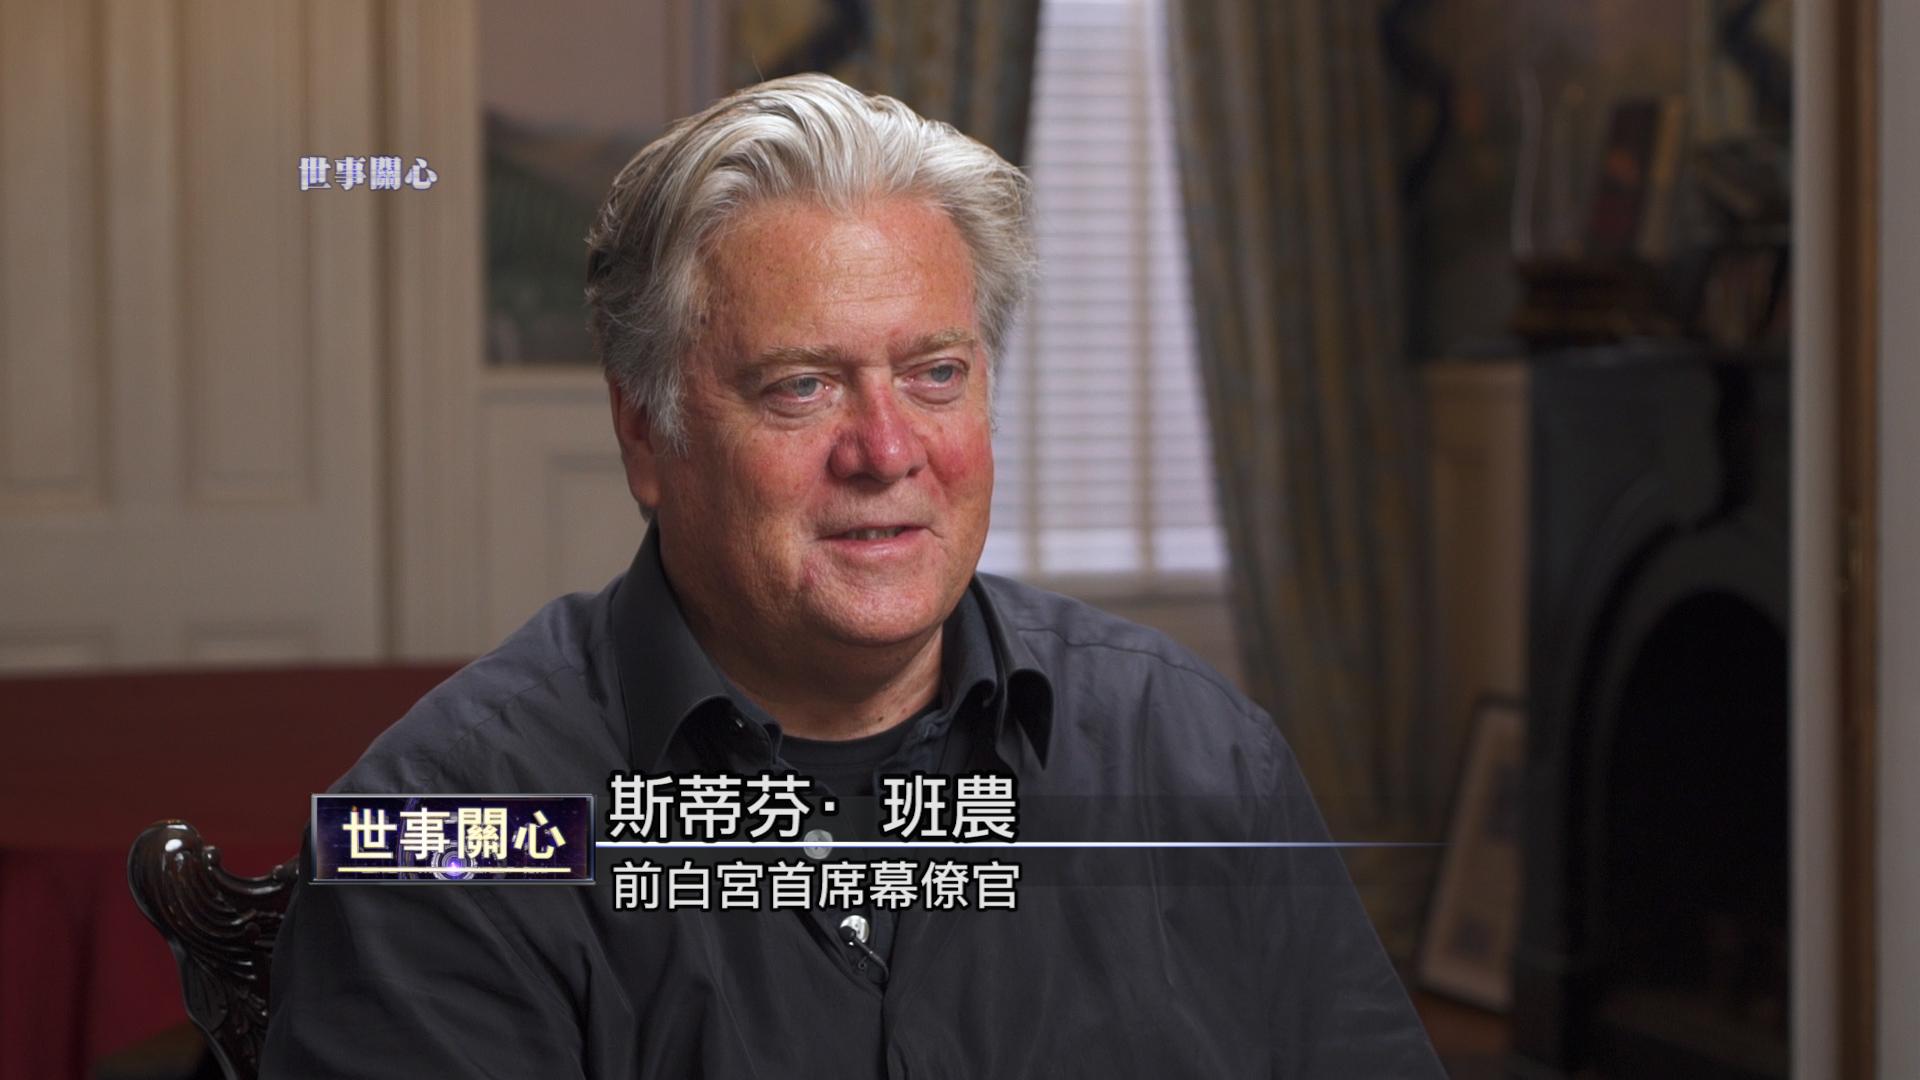 新唐人《世事關心》節目記者蕭茗採訪了白宮前首席戰略顧問班農先生。(新唐人)